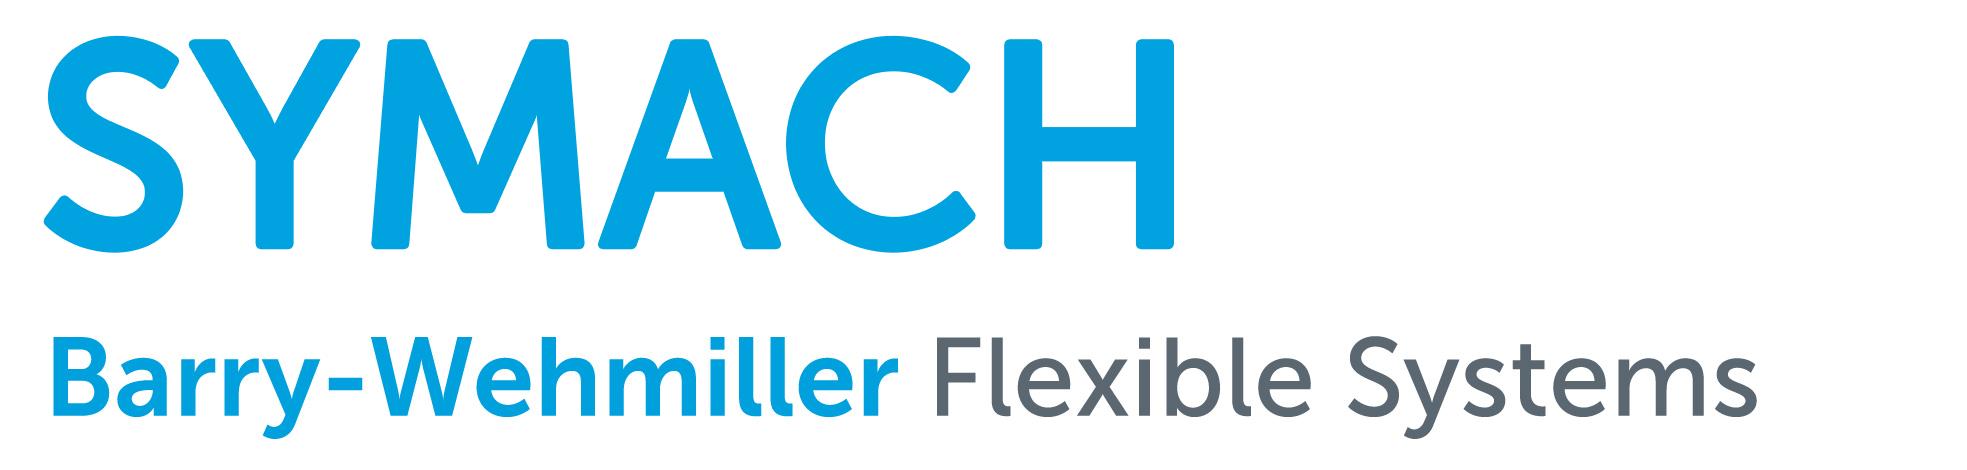 SYMACH_BWFS_logo